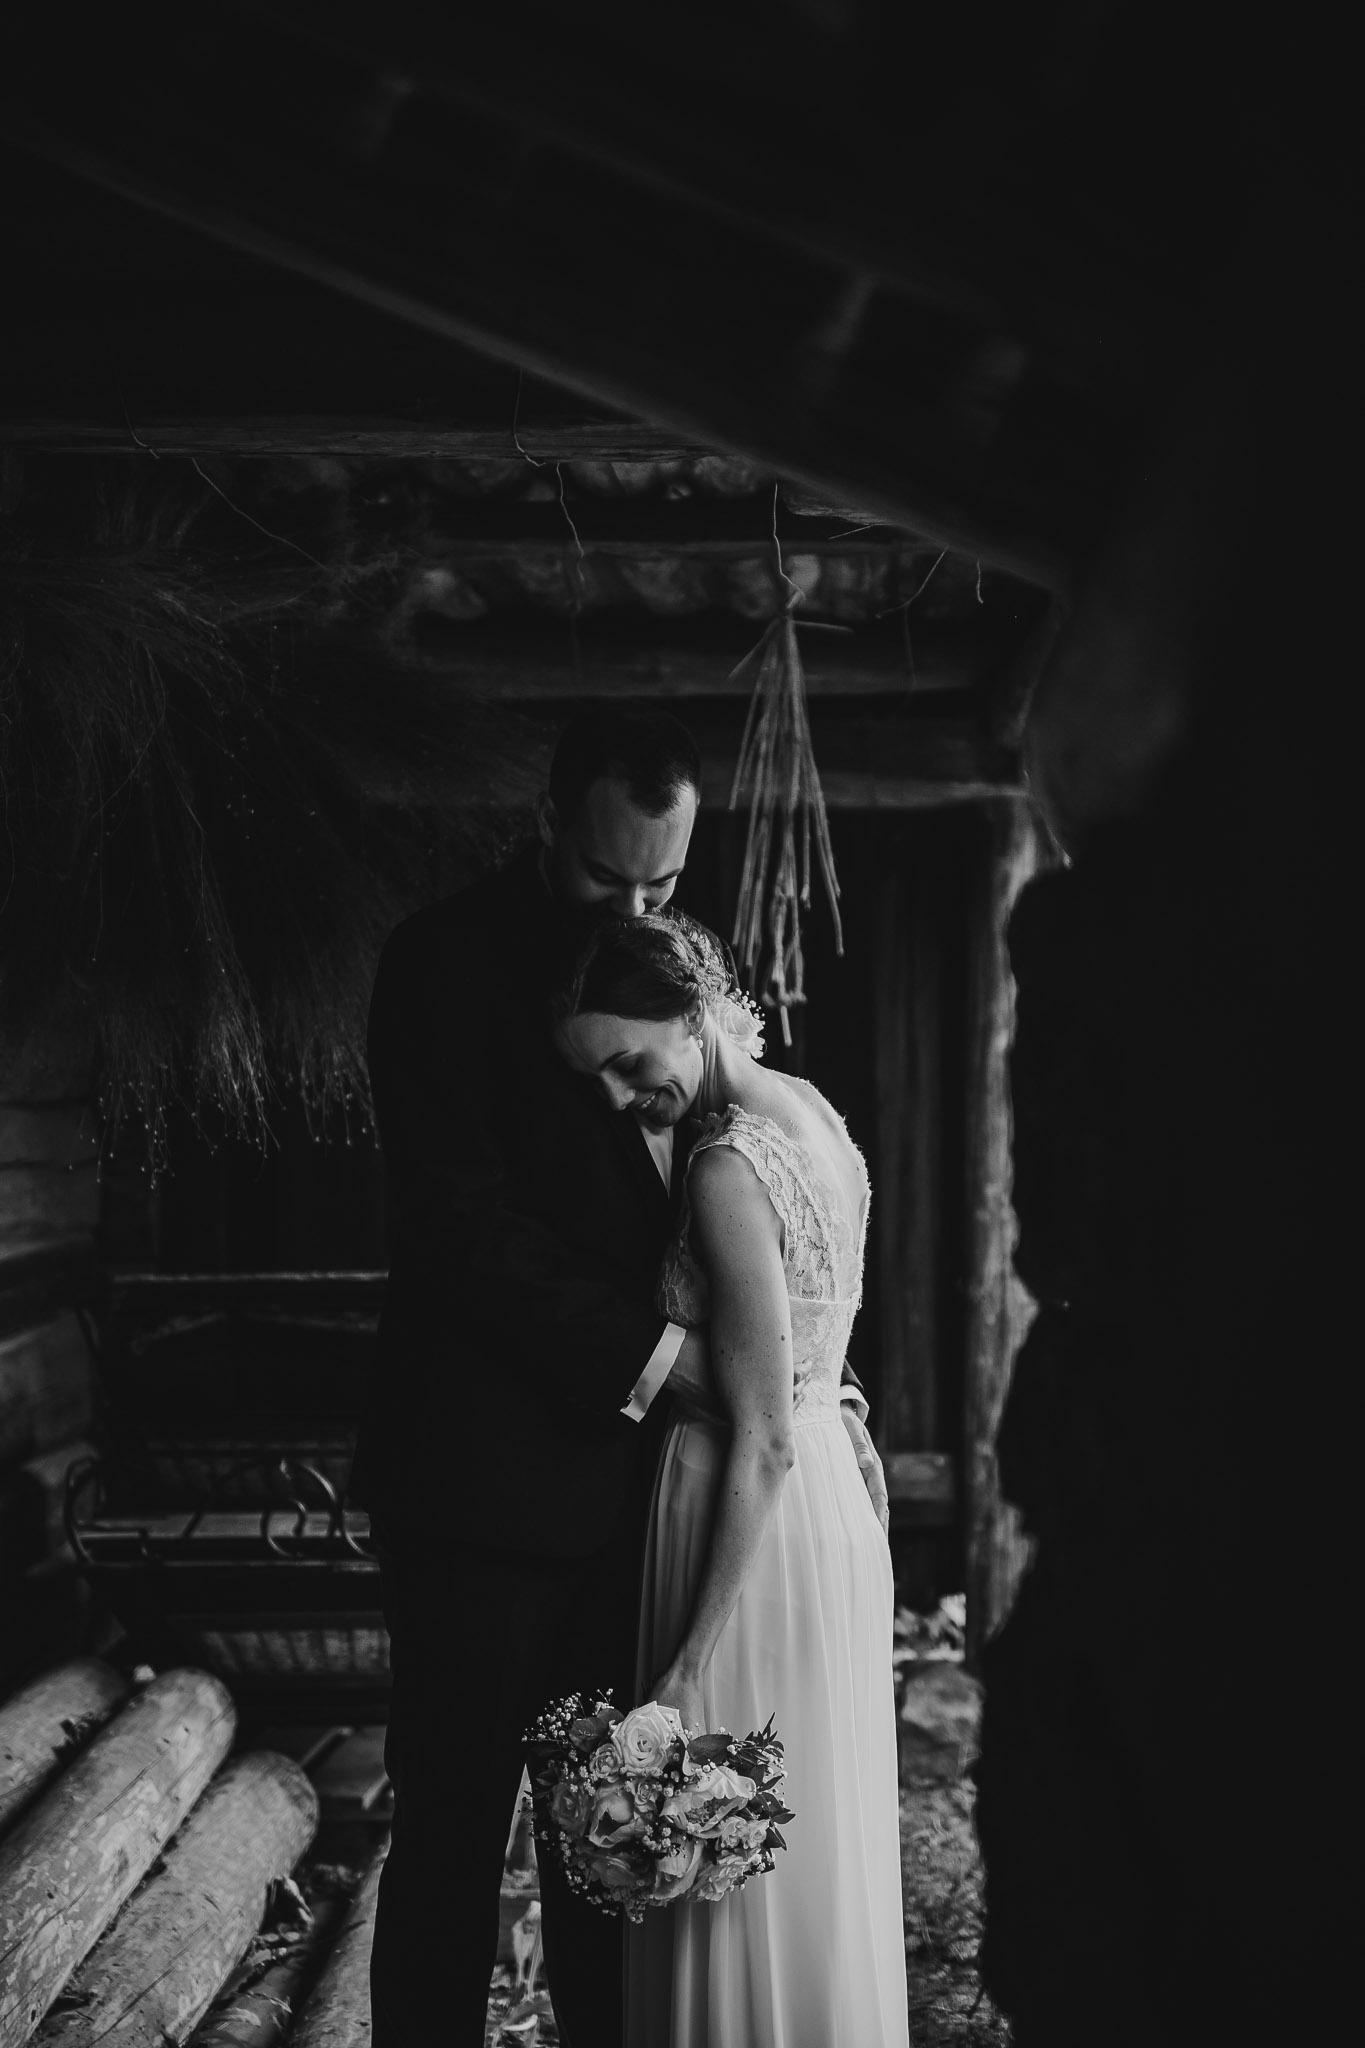 Hvit brud står inntil sin nye ektemann i en mørk låve